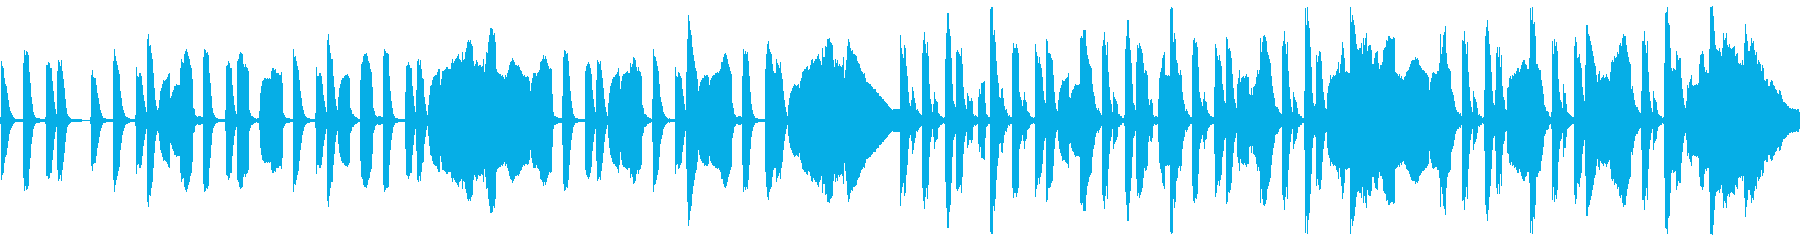 リコーダーとピアノのほのぼの脱力系の再生済みの波形